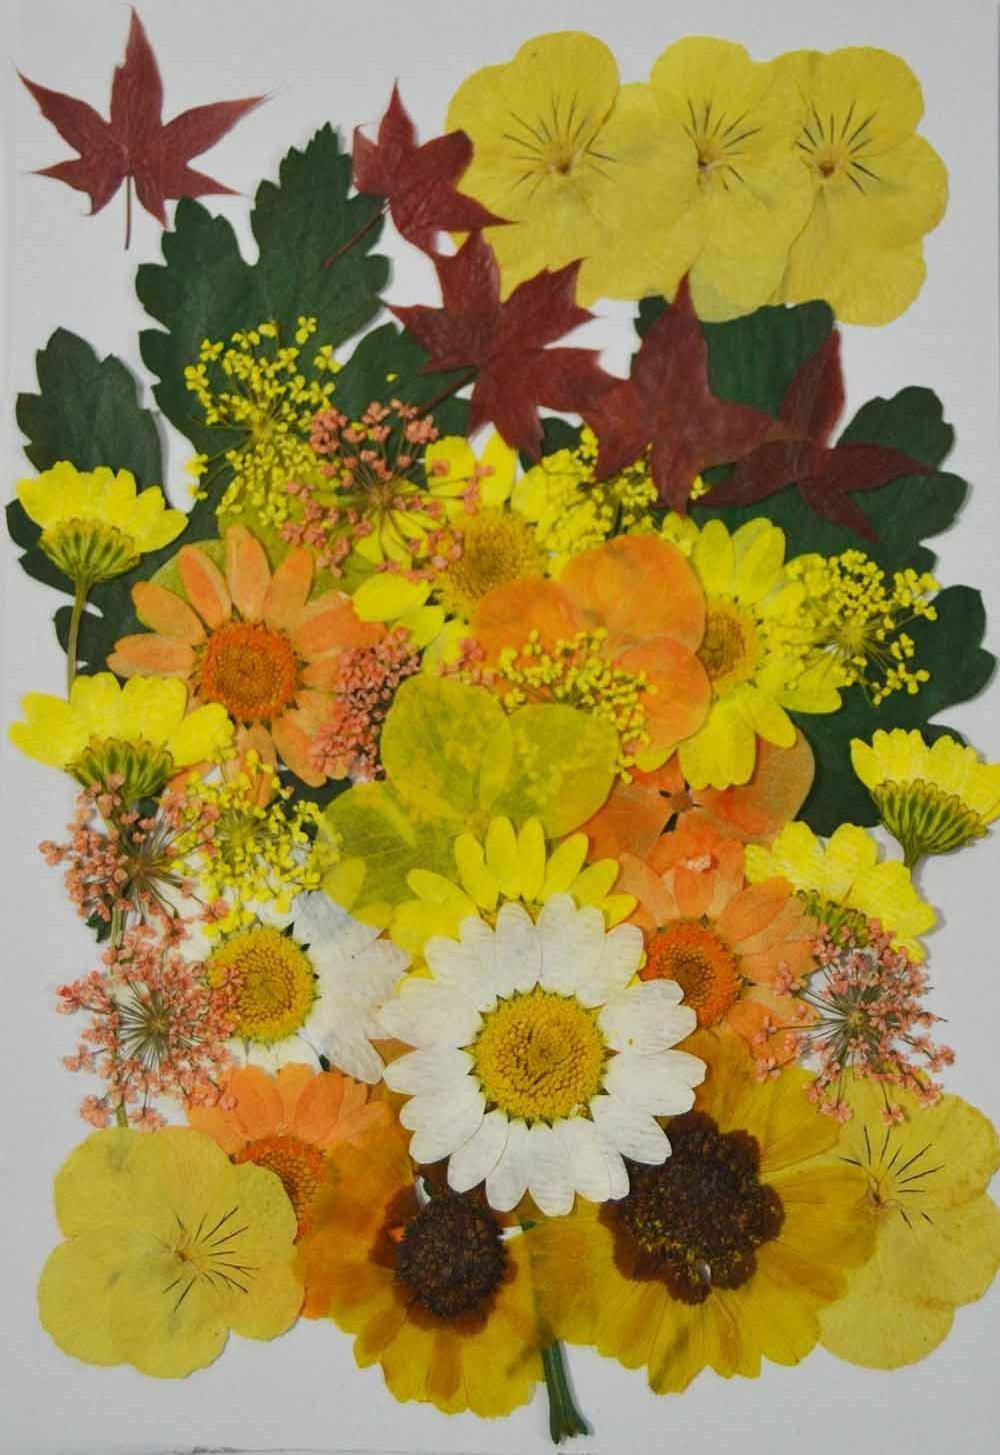 HANDI-KAFU giallo viola, ortensia, foglia d' acero, Sanvitalia vera premuto fiori secchi foglia d' acero